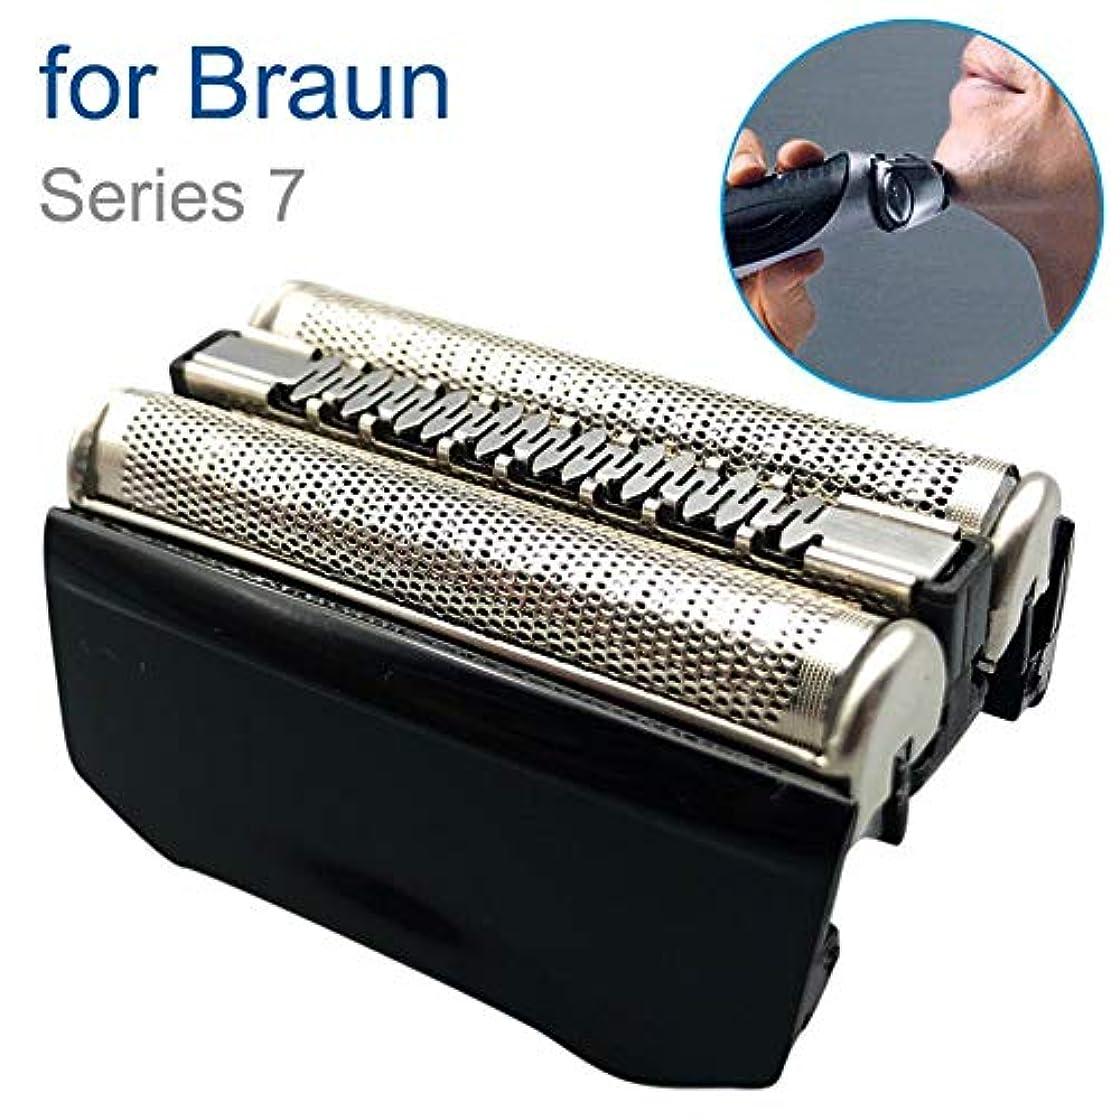 相反するピボット交換シェーバー替刃 シリーズ7 シェーバー替刃 適用 交換用 ホイル 互換性 Braun 70B Series 7スマートコントロール トライコントロール Braun電気シェーバー用